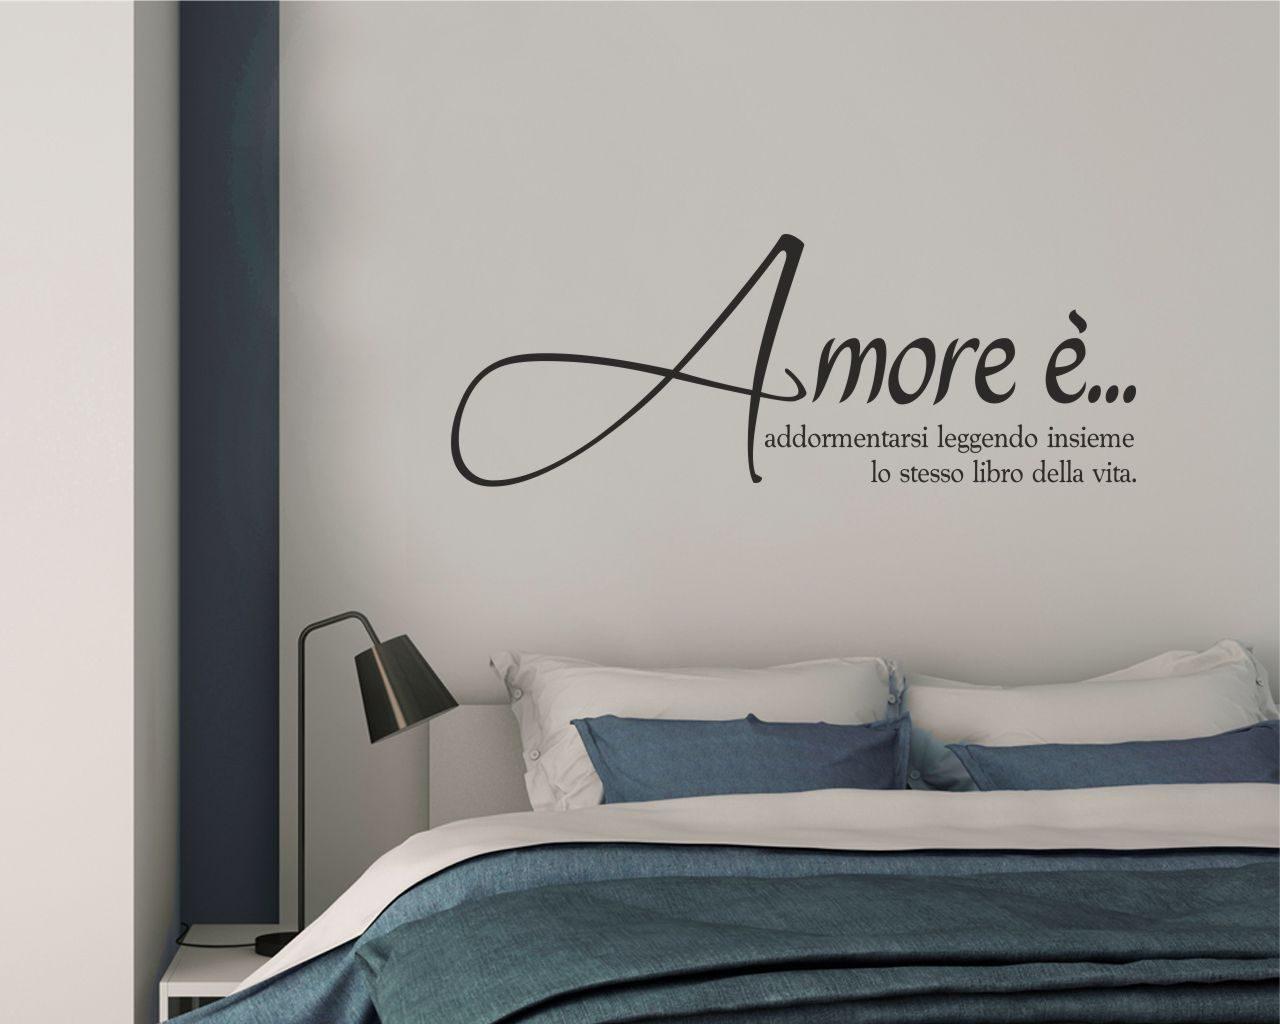 Amore e frasi aforismi citazioni adesivo murale - Adesivi parete camera da letto ...